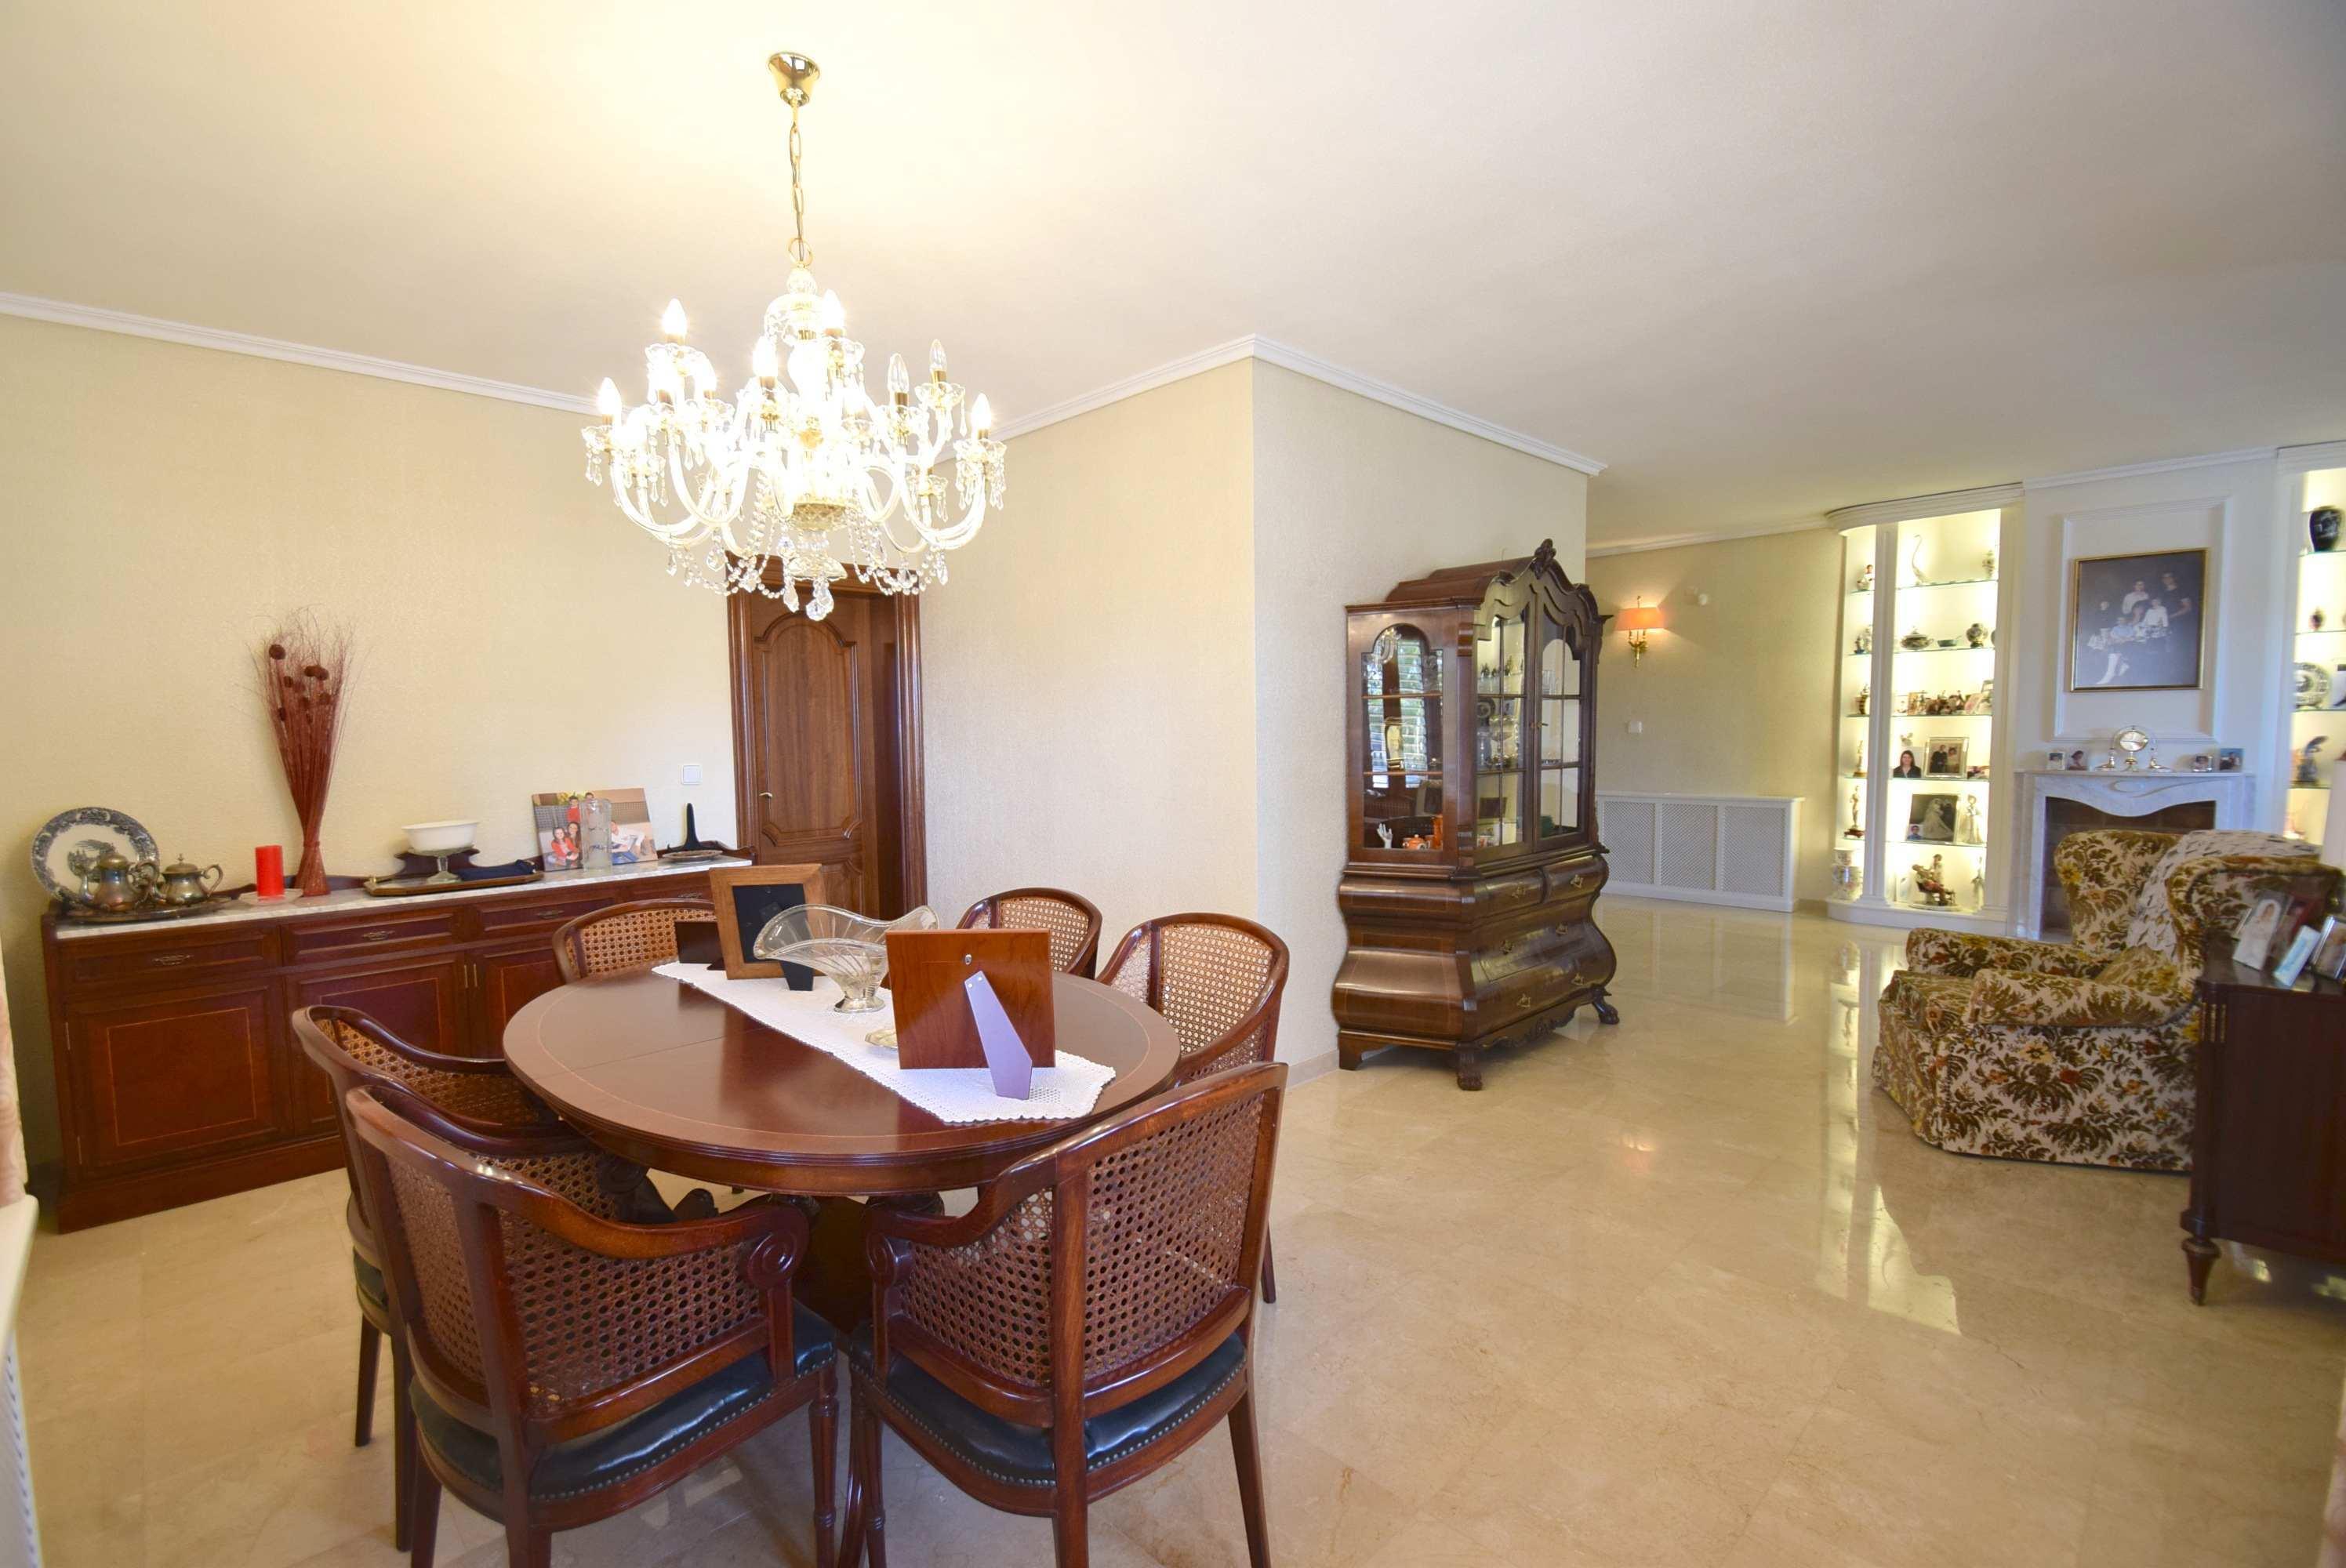 Chalet   Villa en venta en Alfas del Pi, estilo mediterraneo